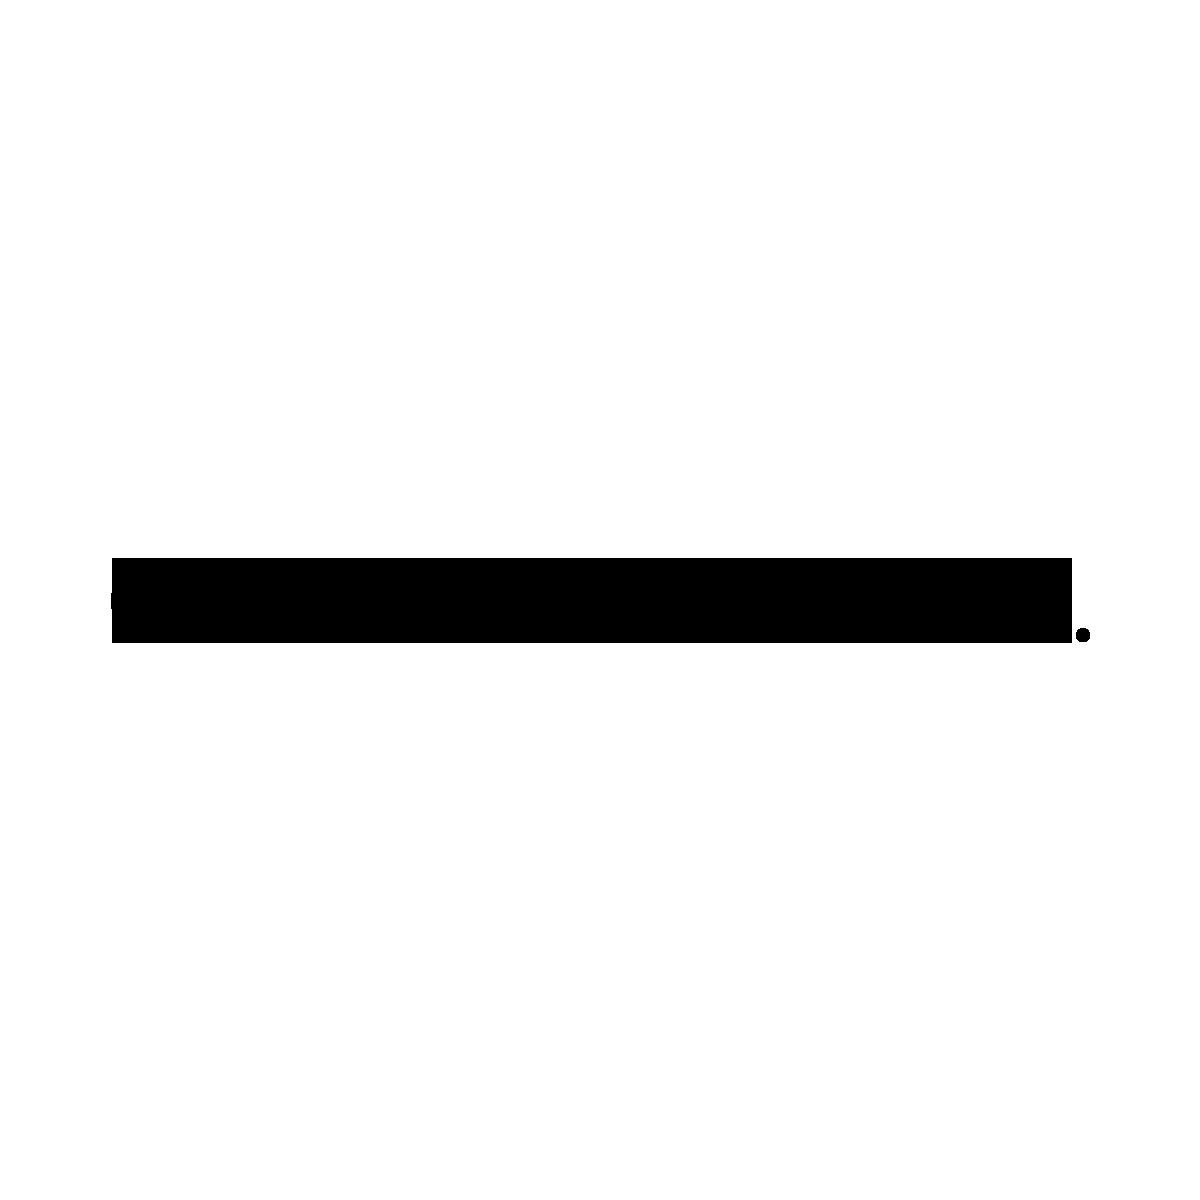 Schultertasche-per-Hand-geschliffenes-Leder-Beige